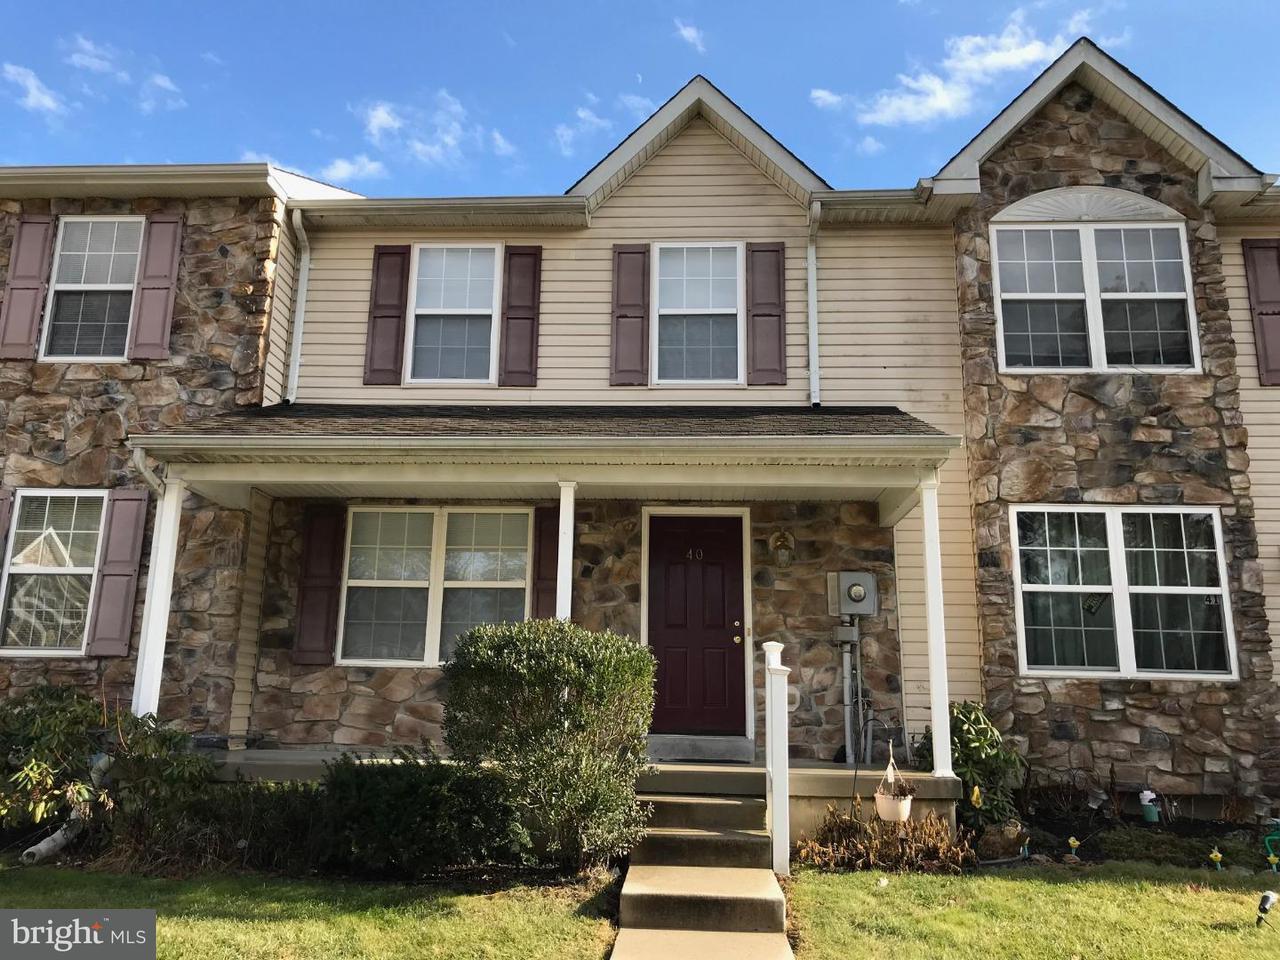 Casa unifamiliar adosada (Townhouse) por un Alquiler en 40 NORMANS FORD Drive Sicklerville, Nueva Jersey 08081 Estados Unidos